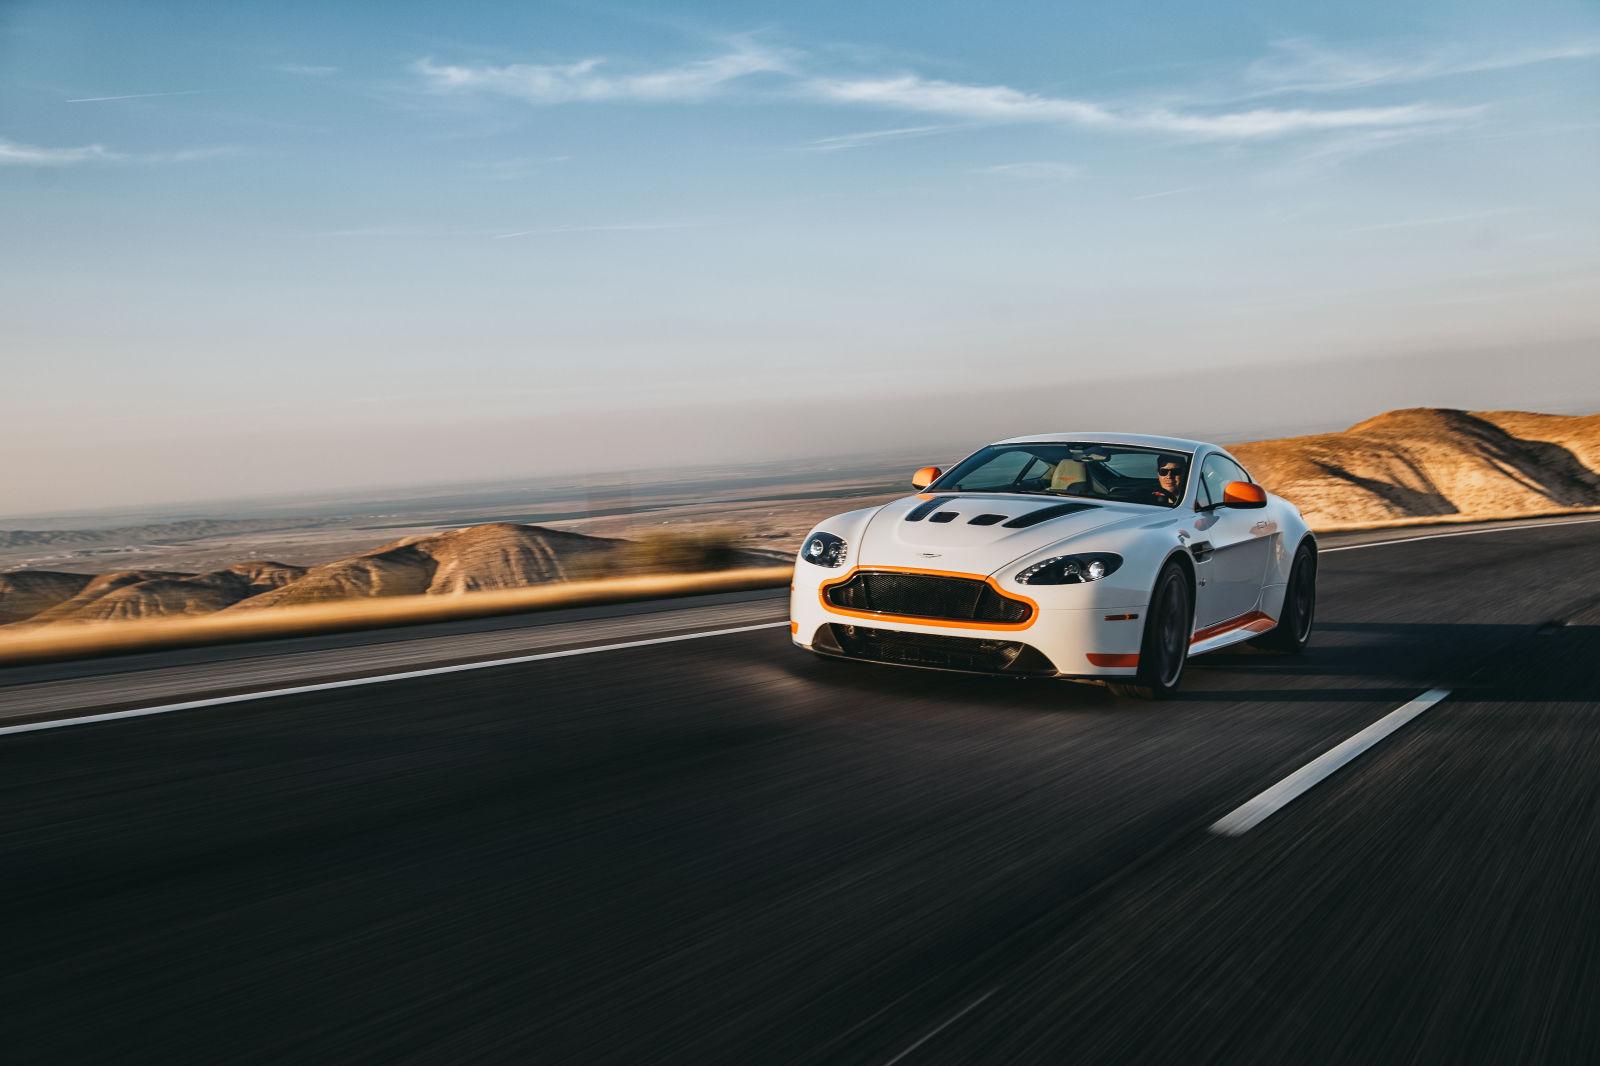 Đầu xe của Aston Martin dường như quá yếu đuối so khối động cơ ở trong xe